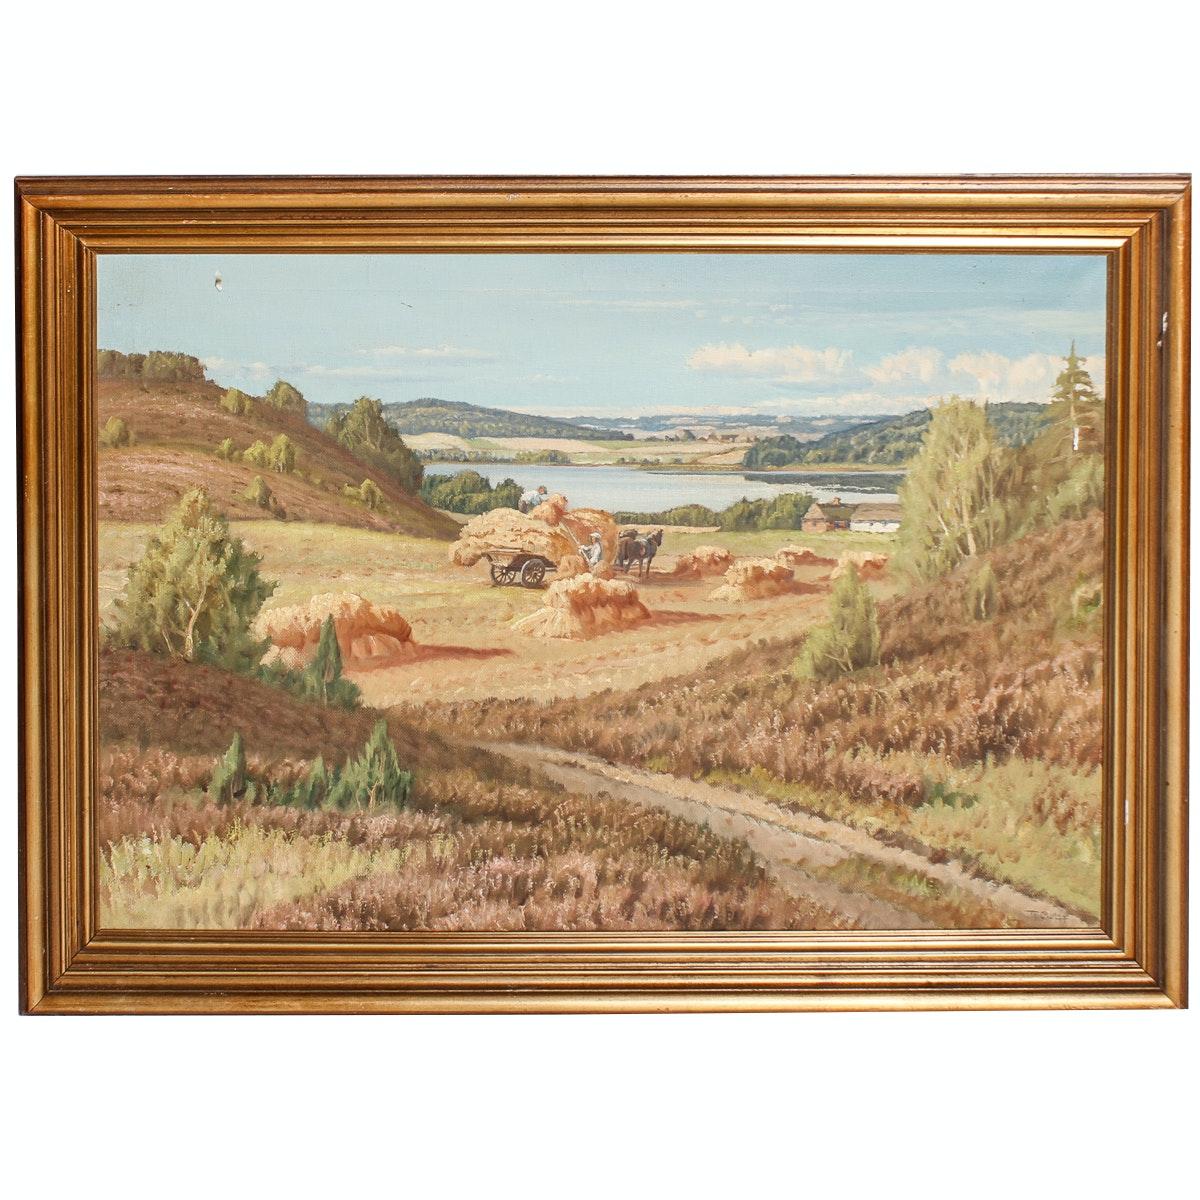 1944 Pastoral Landscape Painting